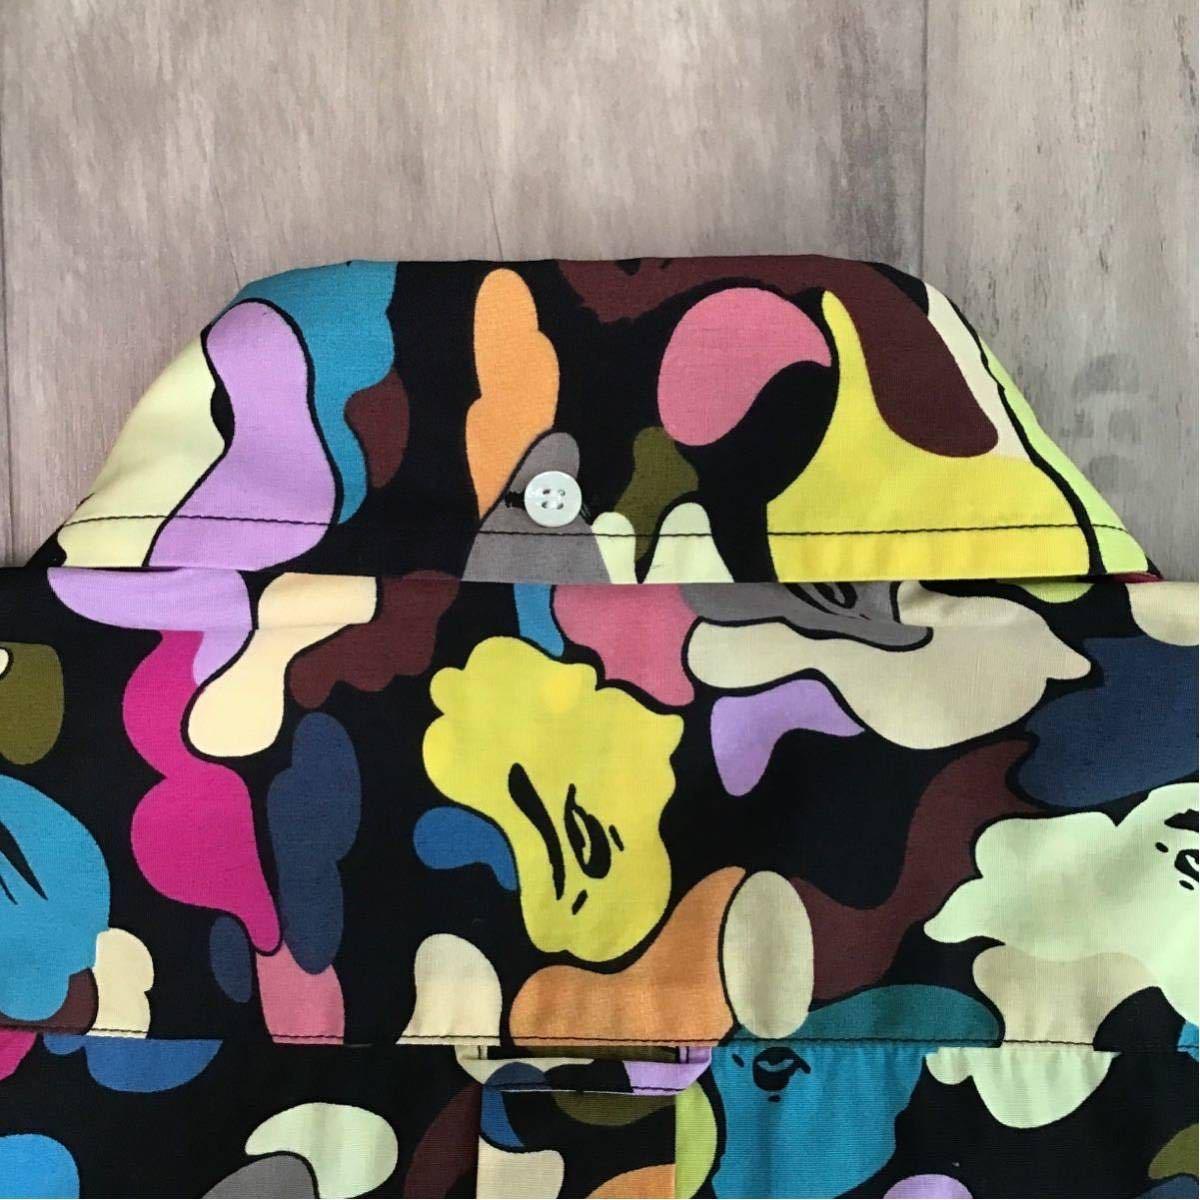 ★新品★ マルチカモ 半袖シャツ Lサイズ a bathing ape BAPE multi camo エイプ ベイプ アベイシングエイプ NIGO 迷彩 vintage ig12